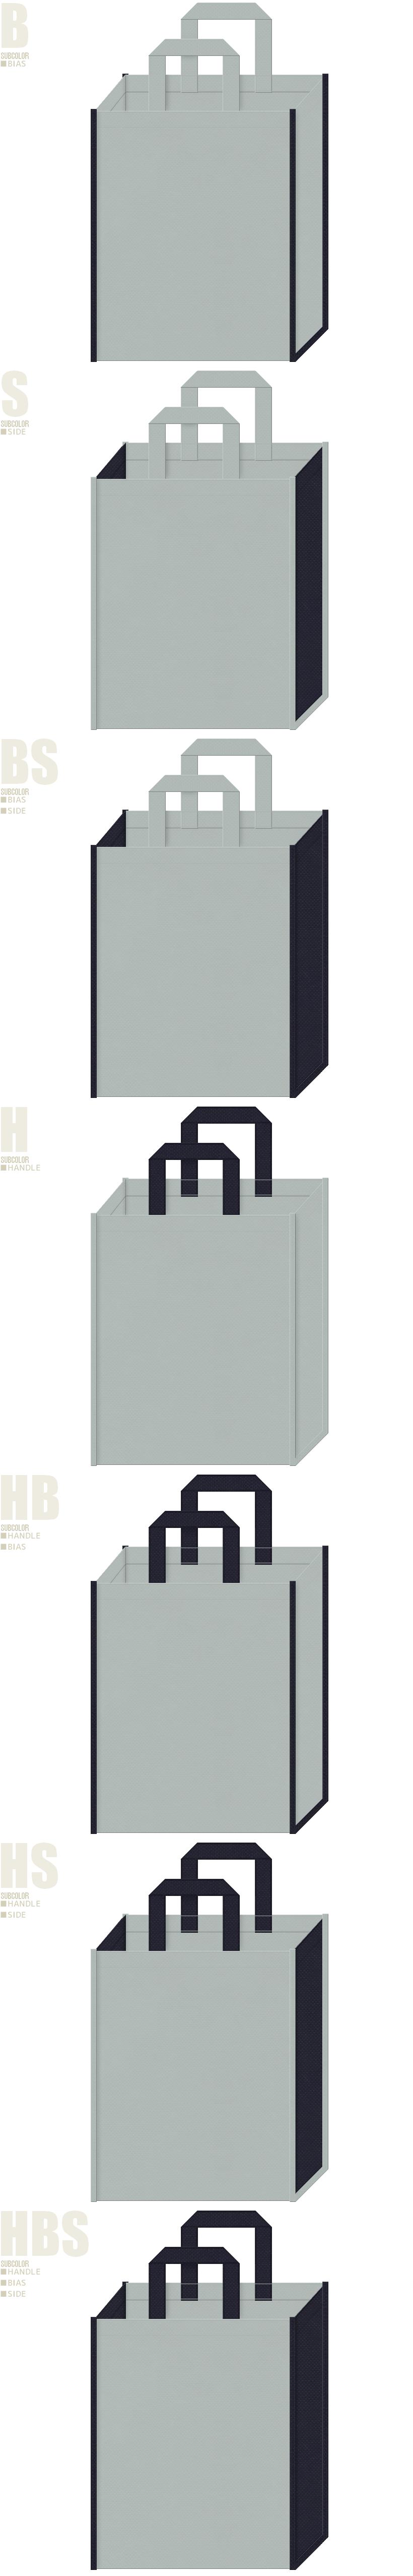 ロボット・ラジコン・プラモデル・ステーショナリー・ビジネススーツ・企業説明会・学校・学園・オープンキャンパス・学習塾・専門書・セミナーの資料配布用バッグにお奨めの不織布バッグデザイン:グレー色と濃紺色の配色7パターン